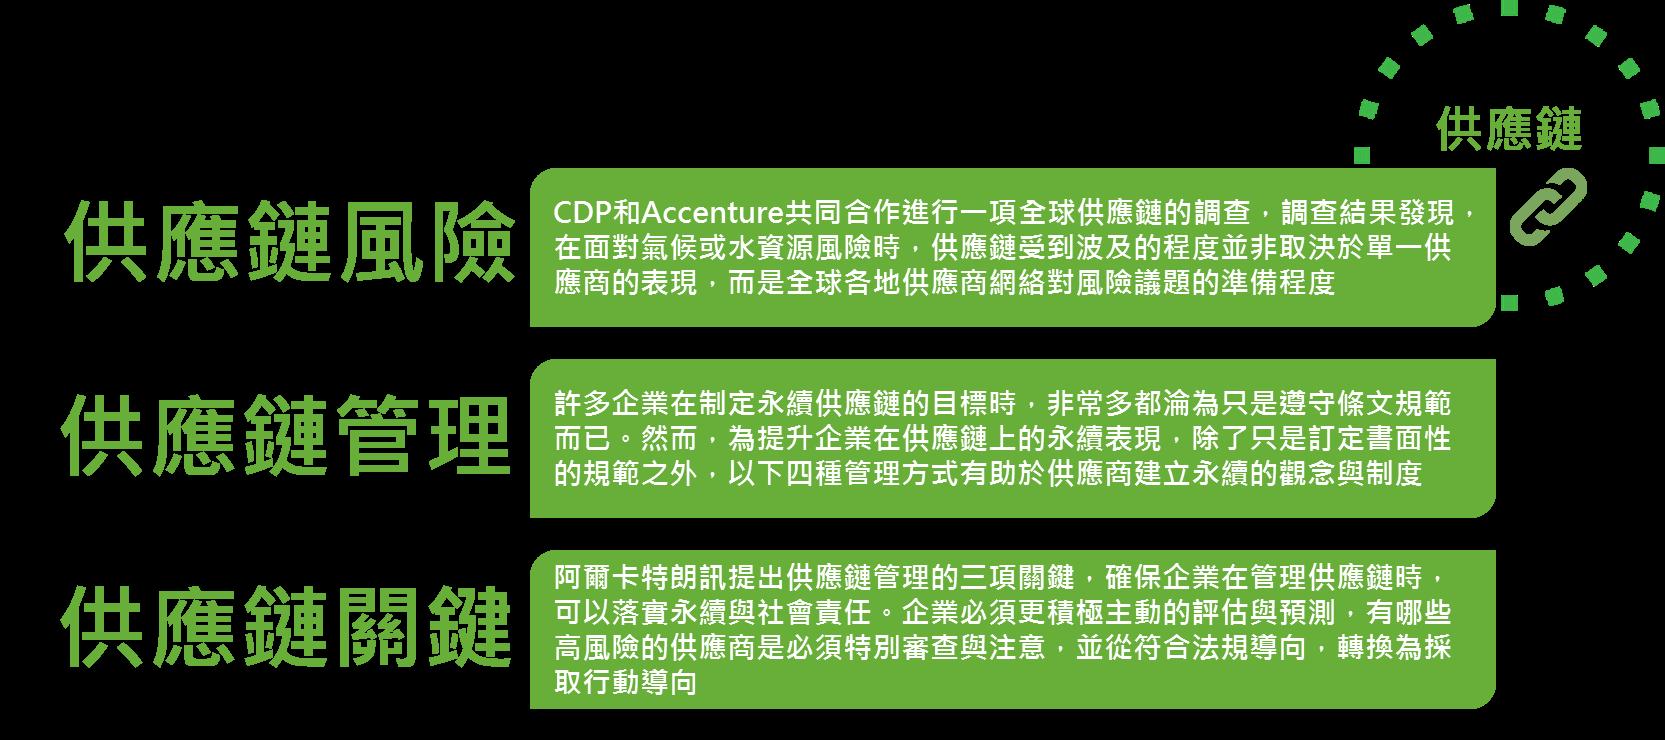 2015年精選專題回顧  - 供應鏈 - CSRone